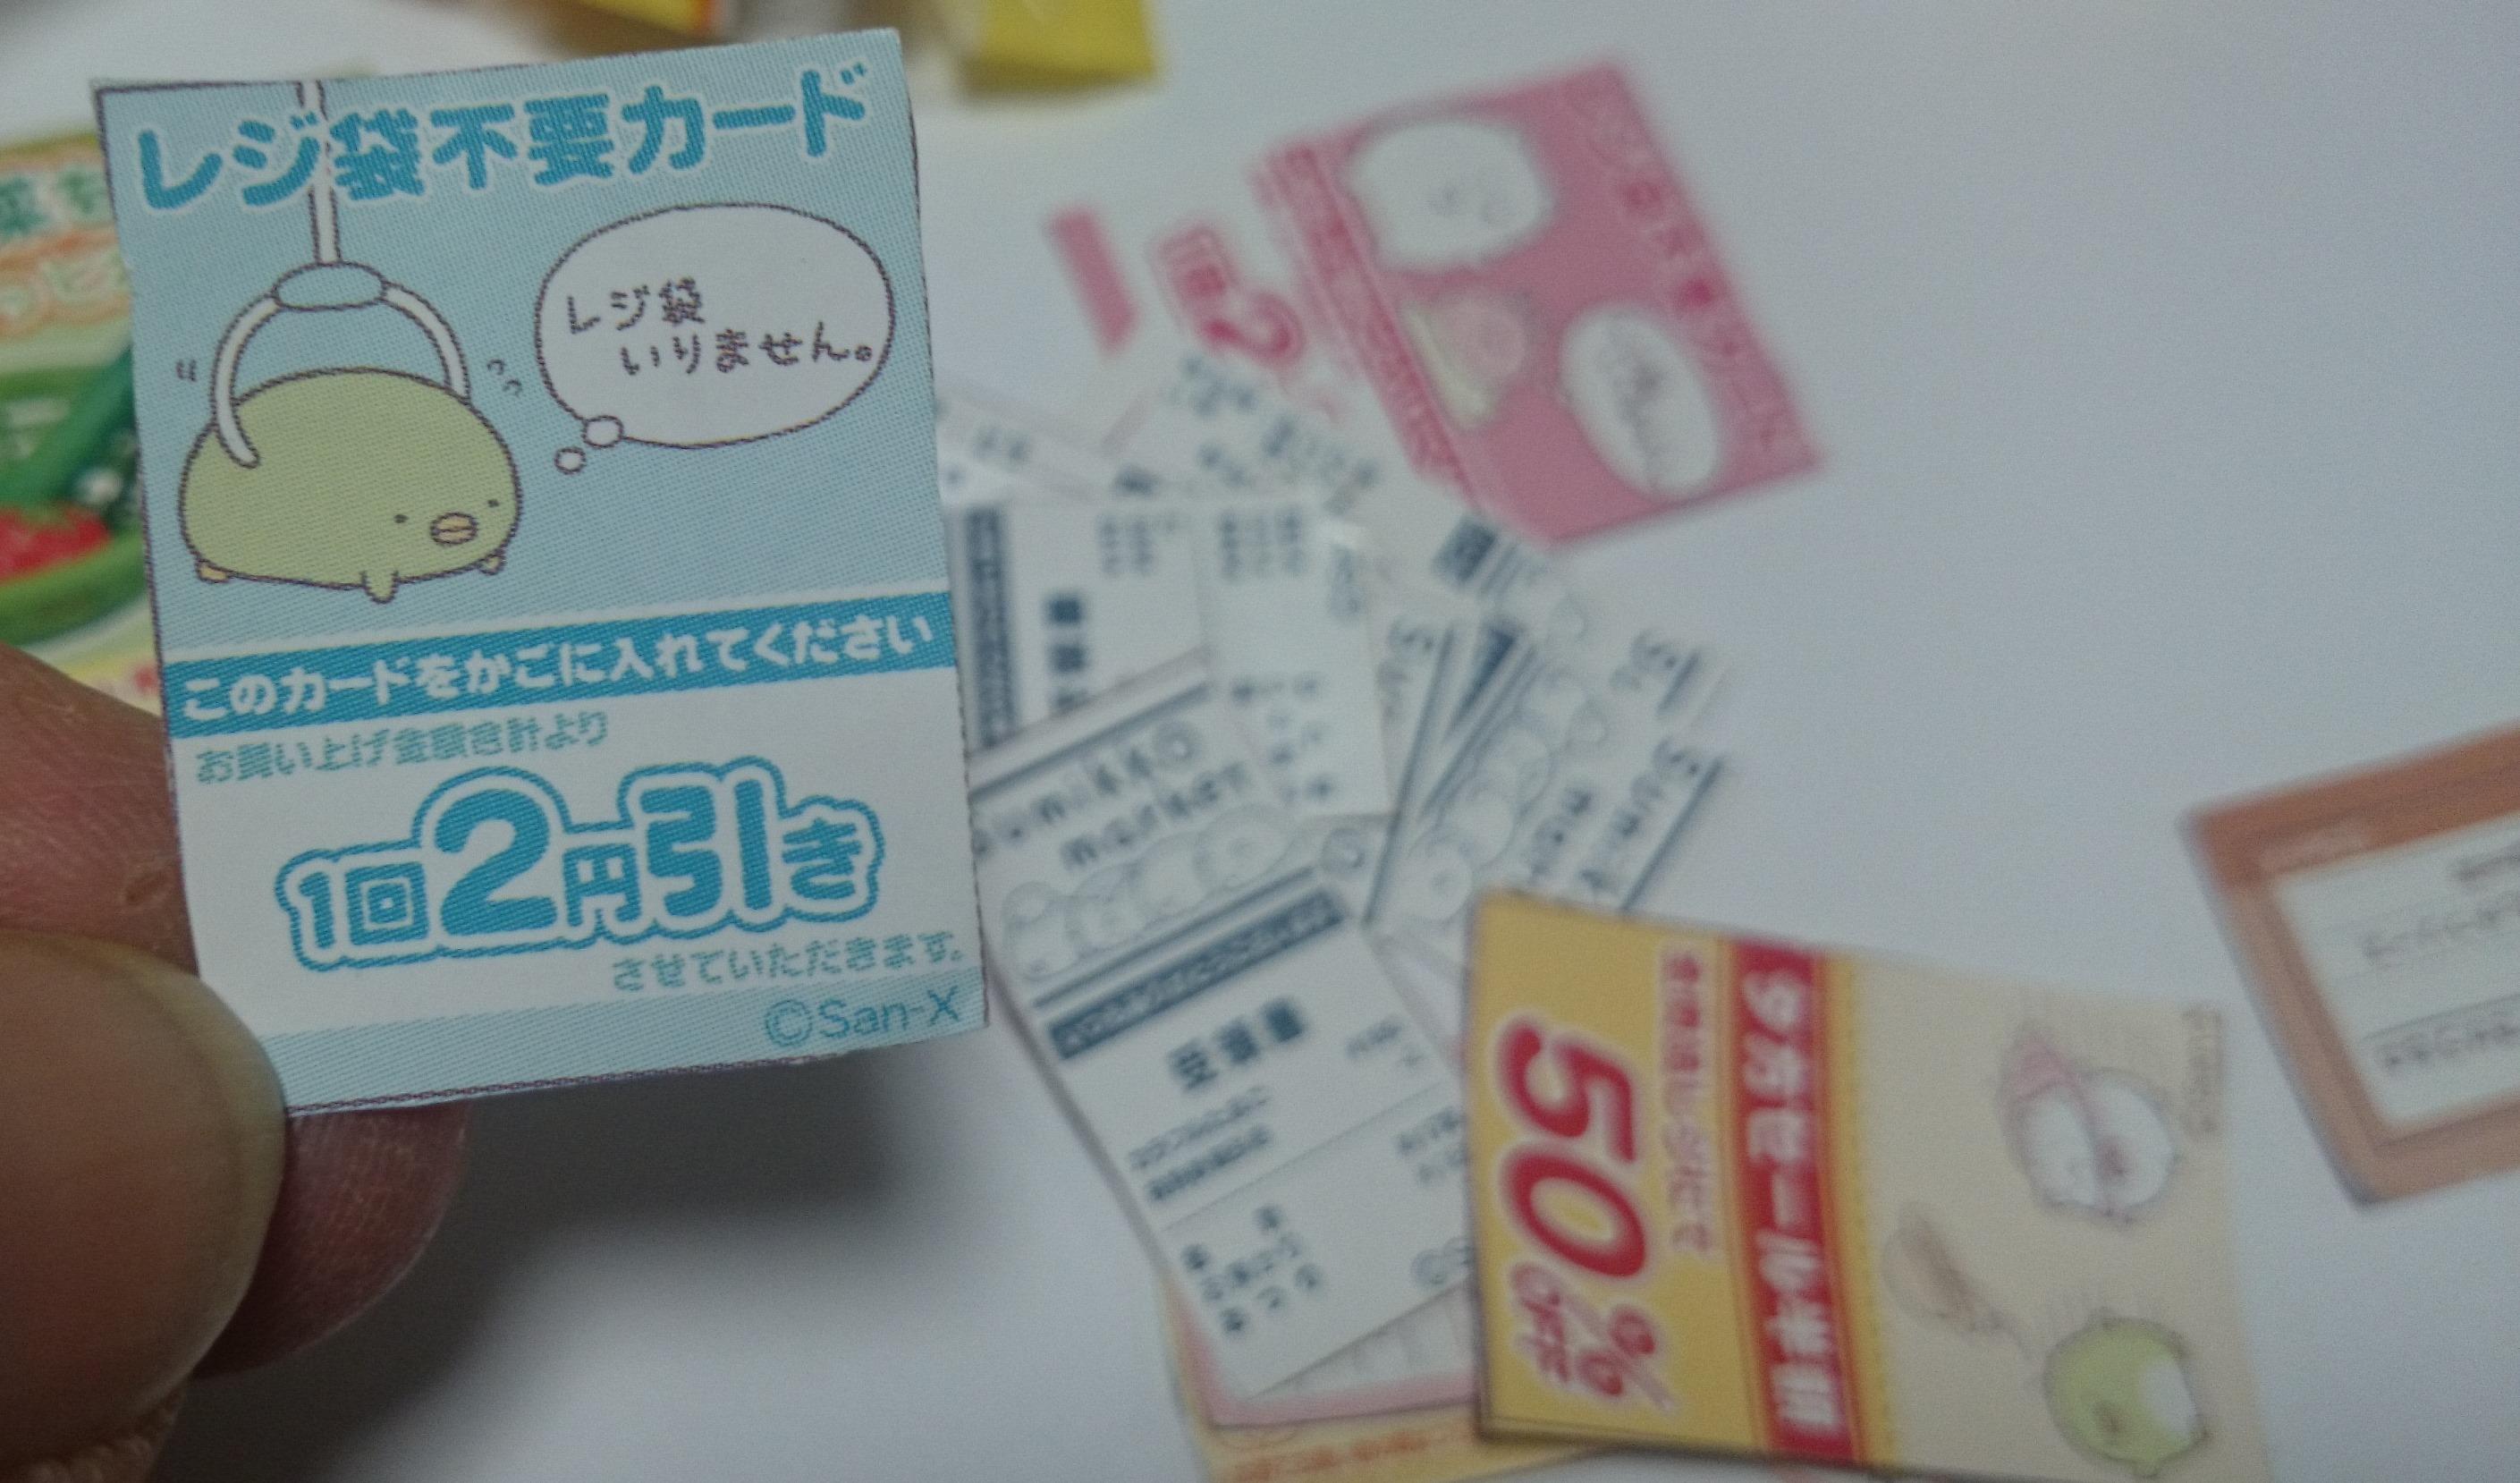 50、レジ袋、不要カードDSC_0526